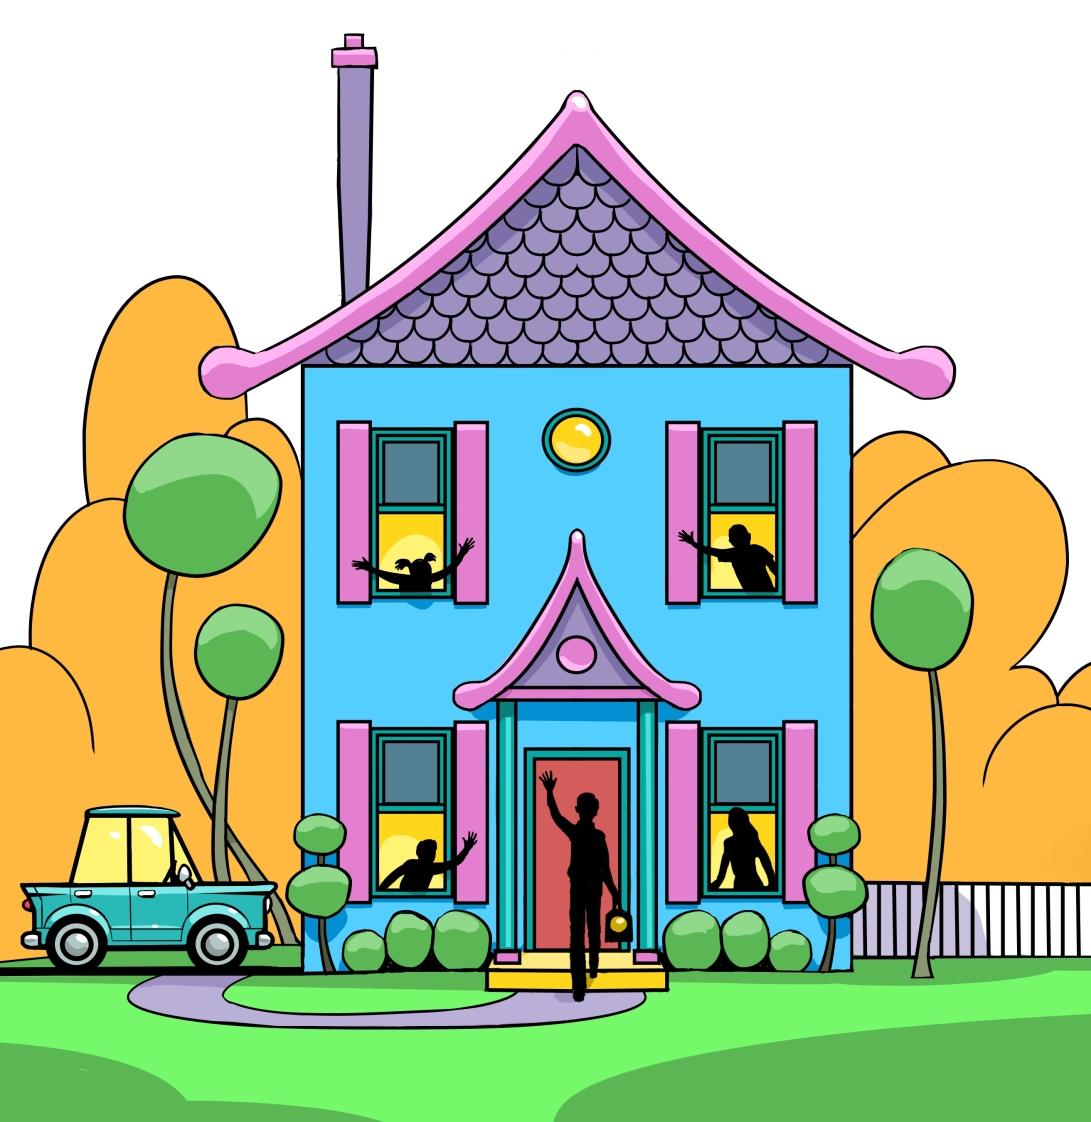 razz house